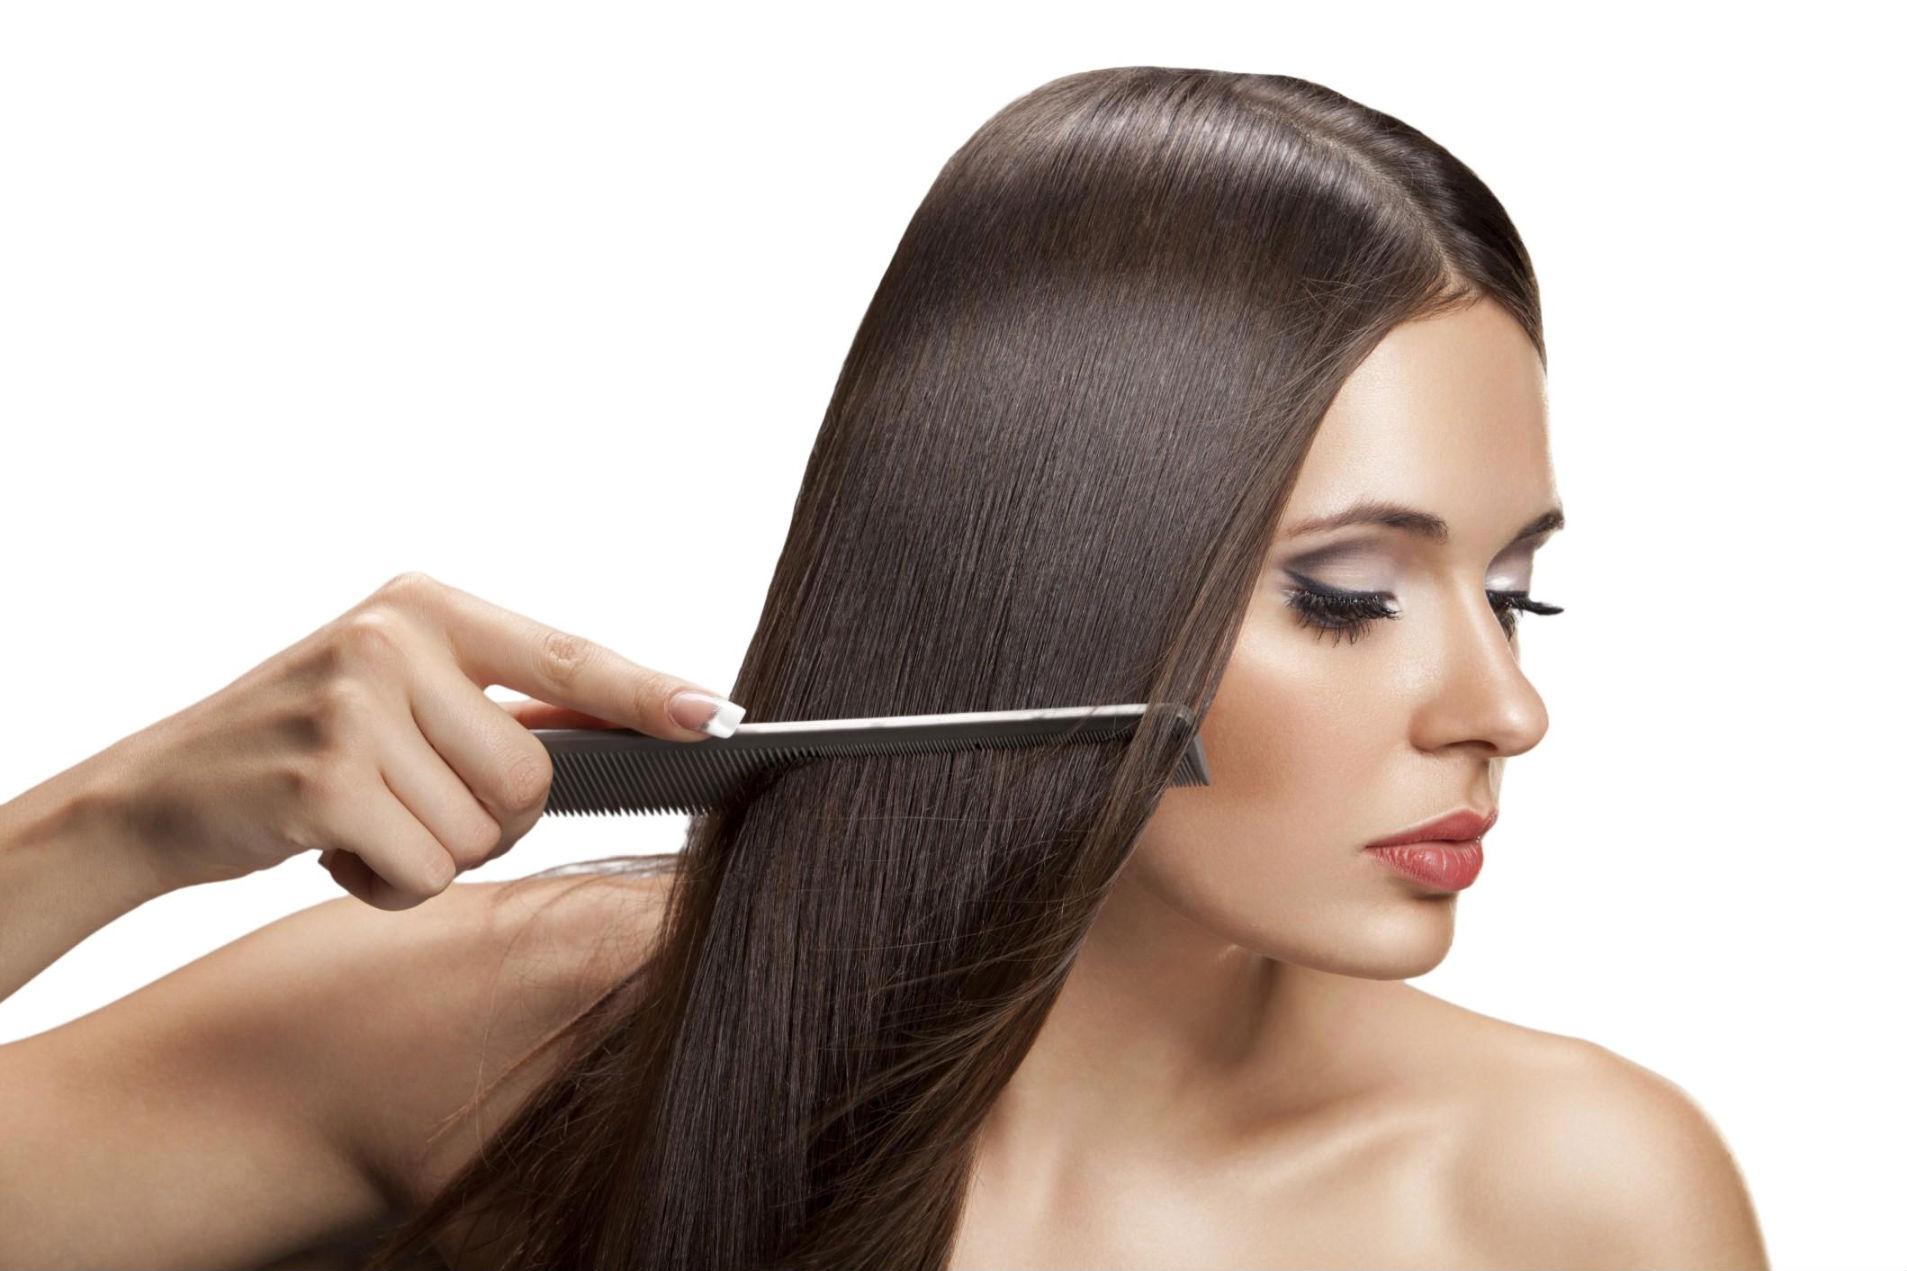 Глазирование волос в домашних условиях: процедура шелкового глазирования волос, отзывы, до и после